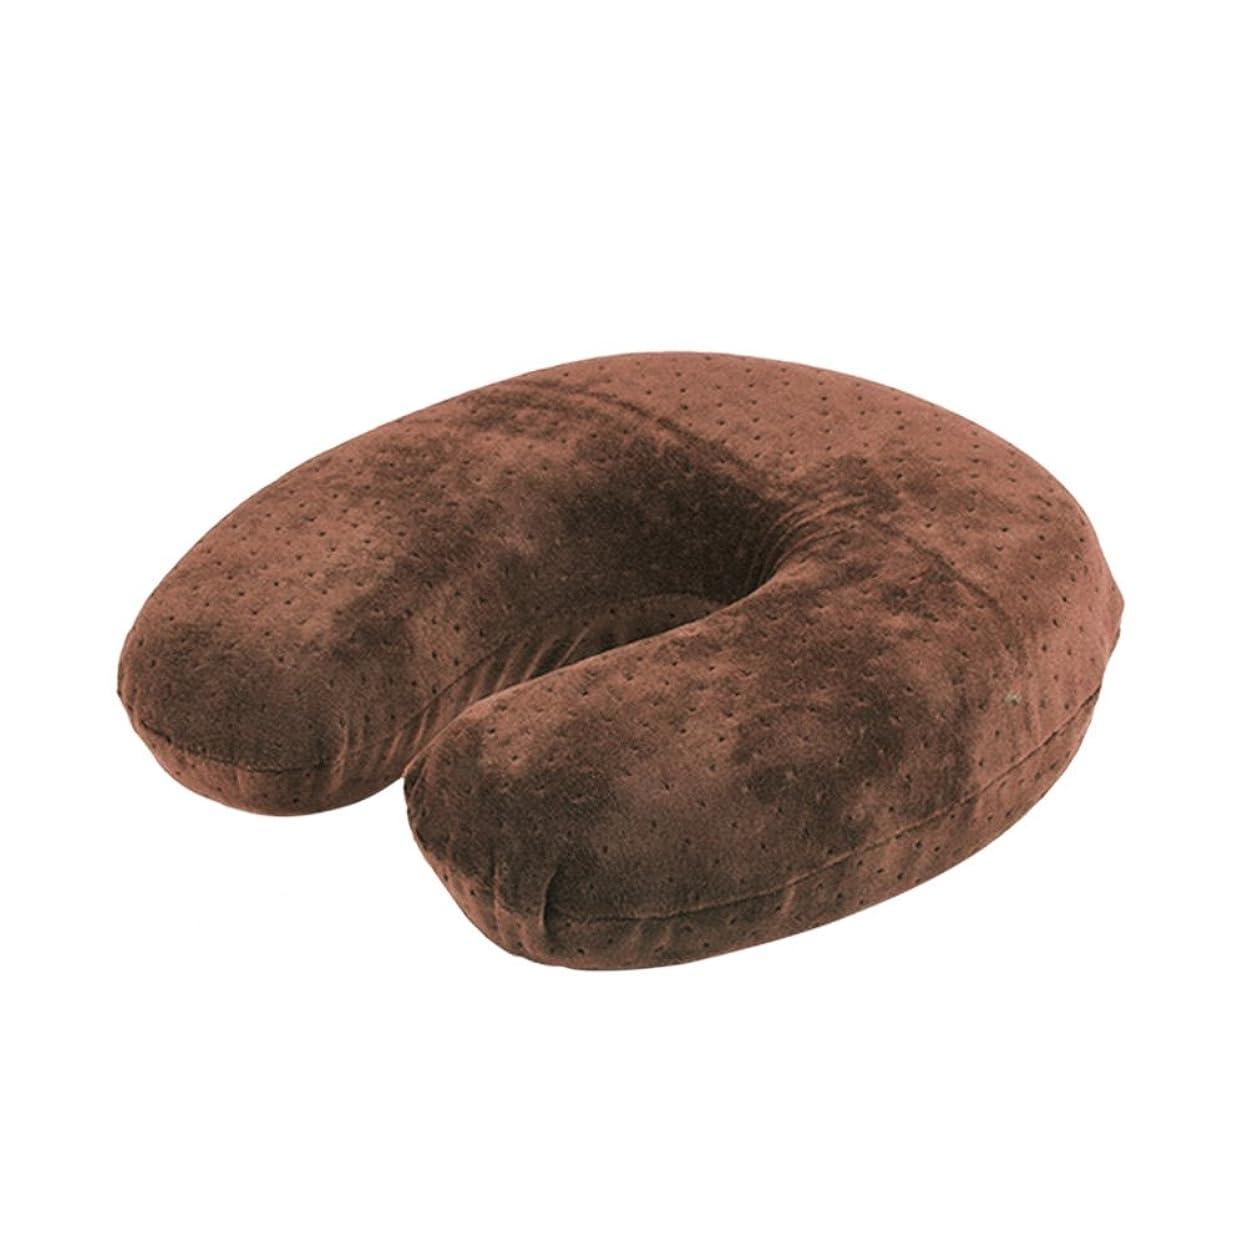 災害サスペンション盗難U字型枕、ビロードの反発の記憶泡の首の頭部の頚部枕残り旅行クッション(Brown)